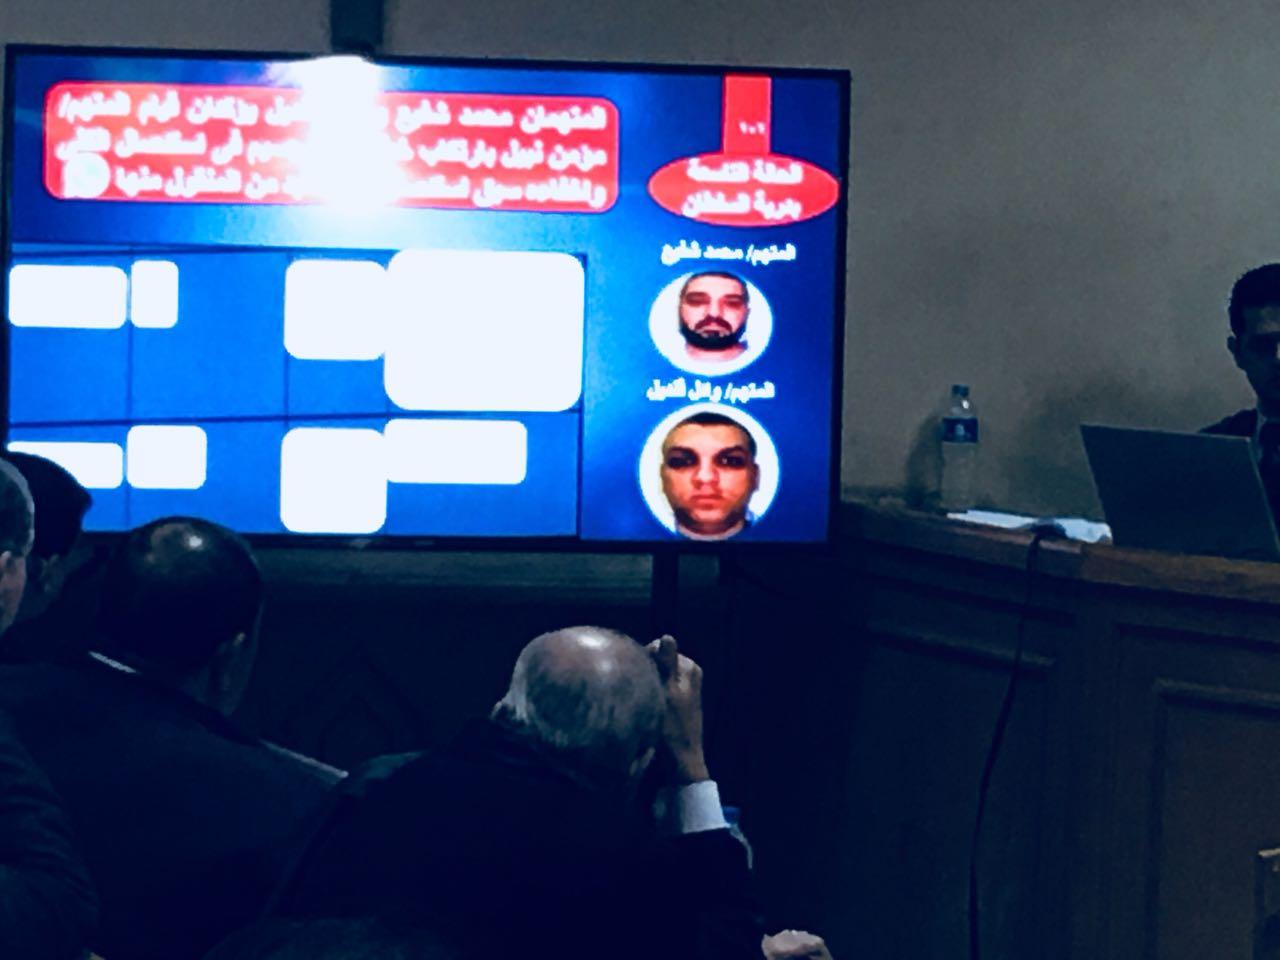 المحكمة تعرض فيديوهات للمتهمين